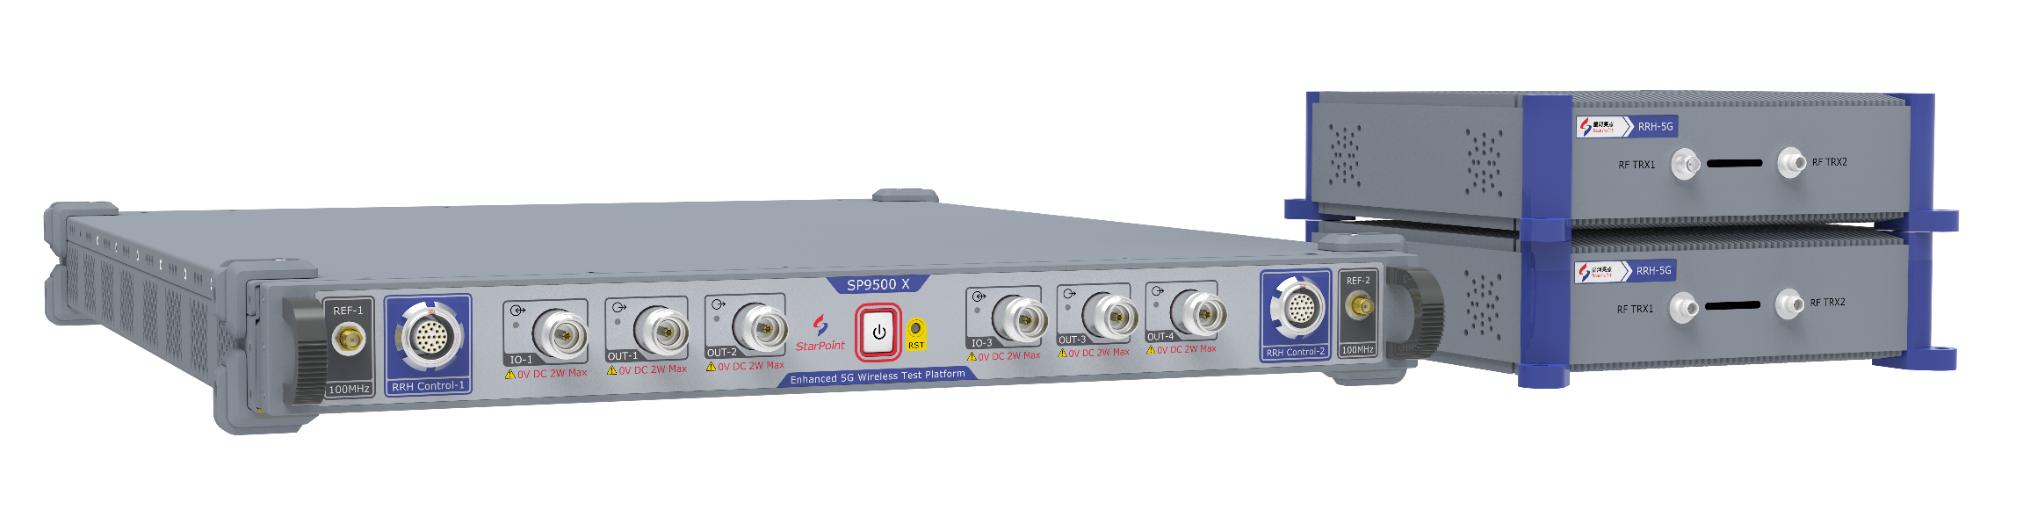 星河亮點推出5G毫米波綜測儀原型系統,符合3GP...